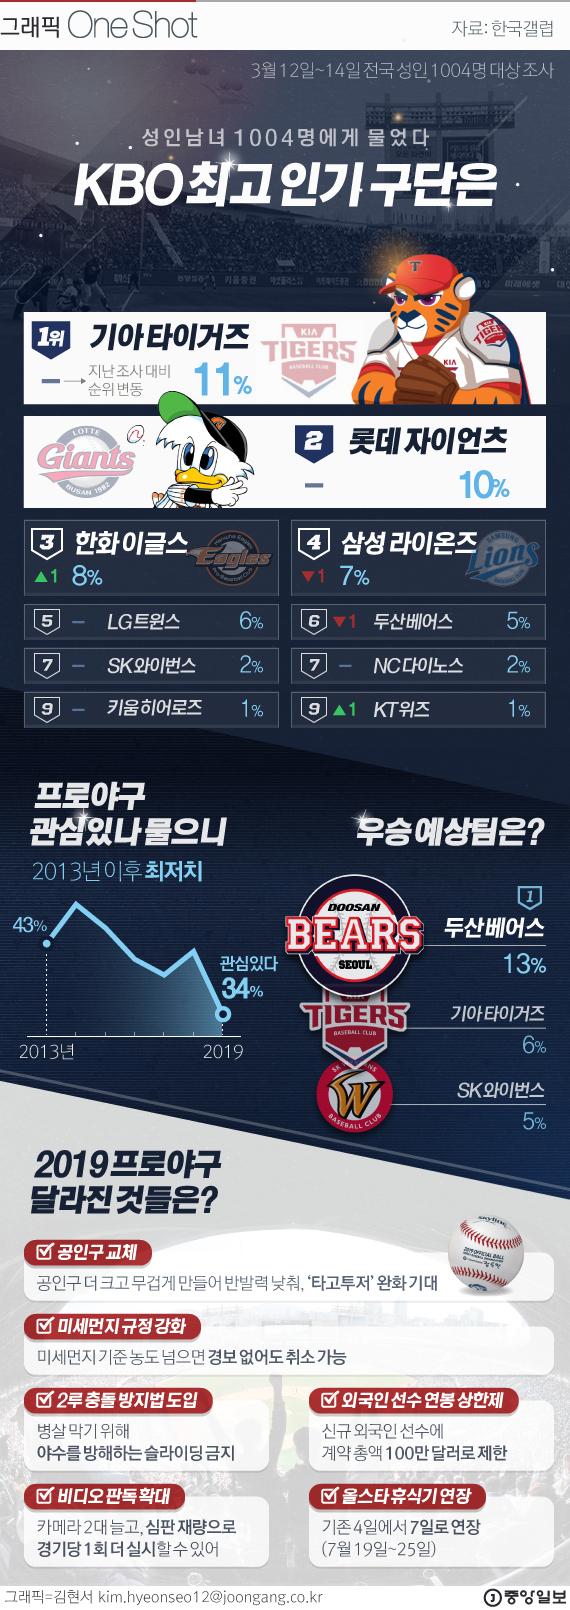 2019 프로야구 최고 인기팀은 기아